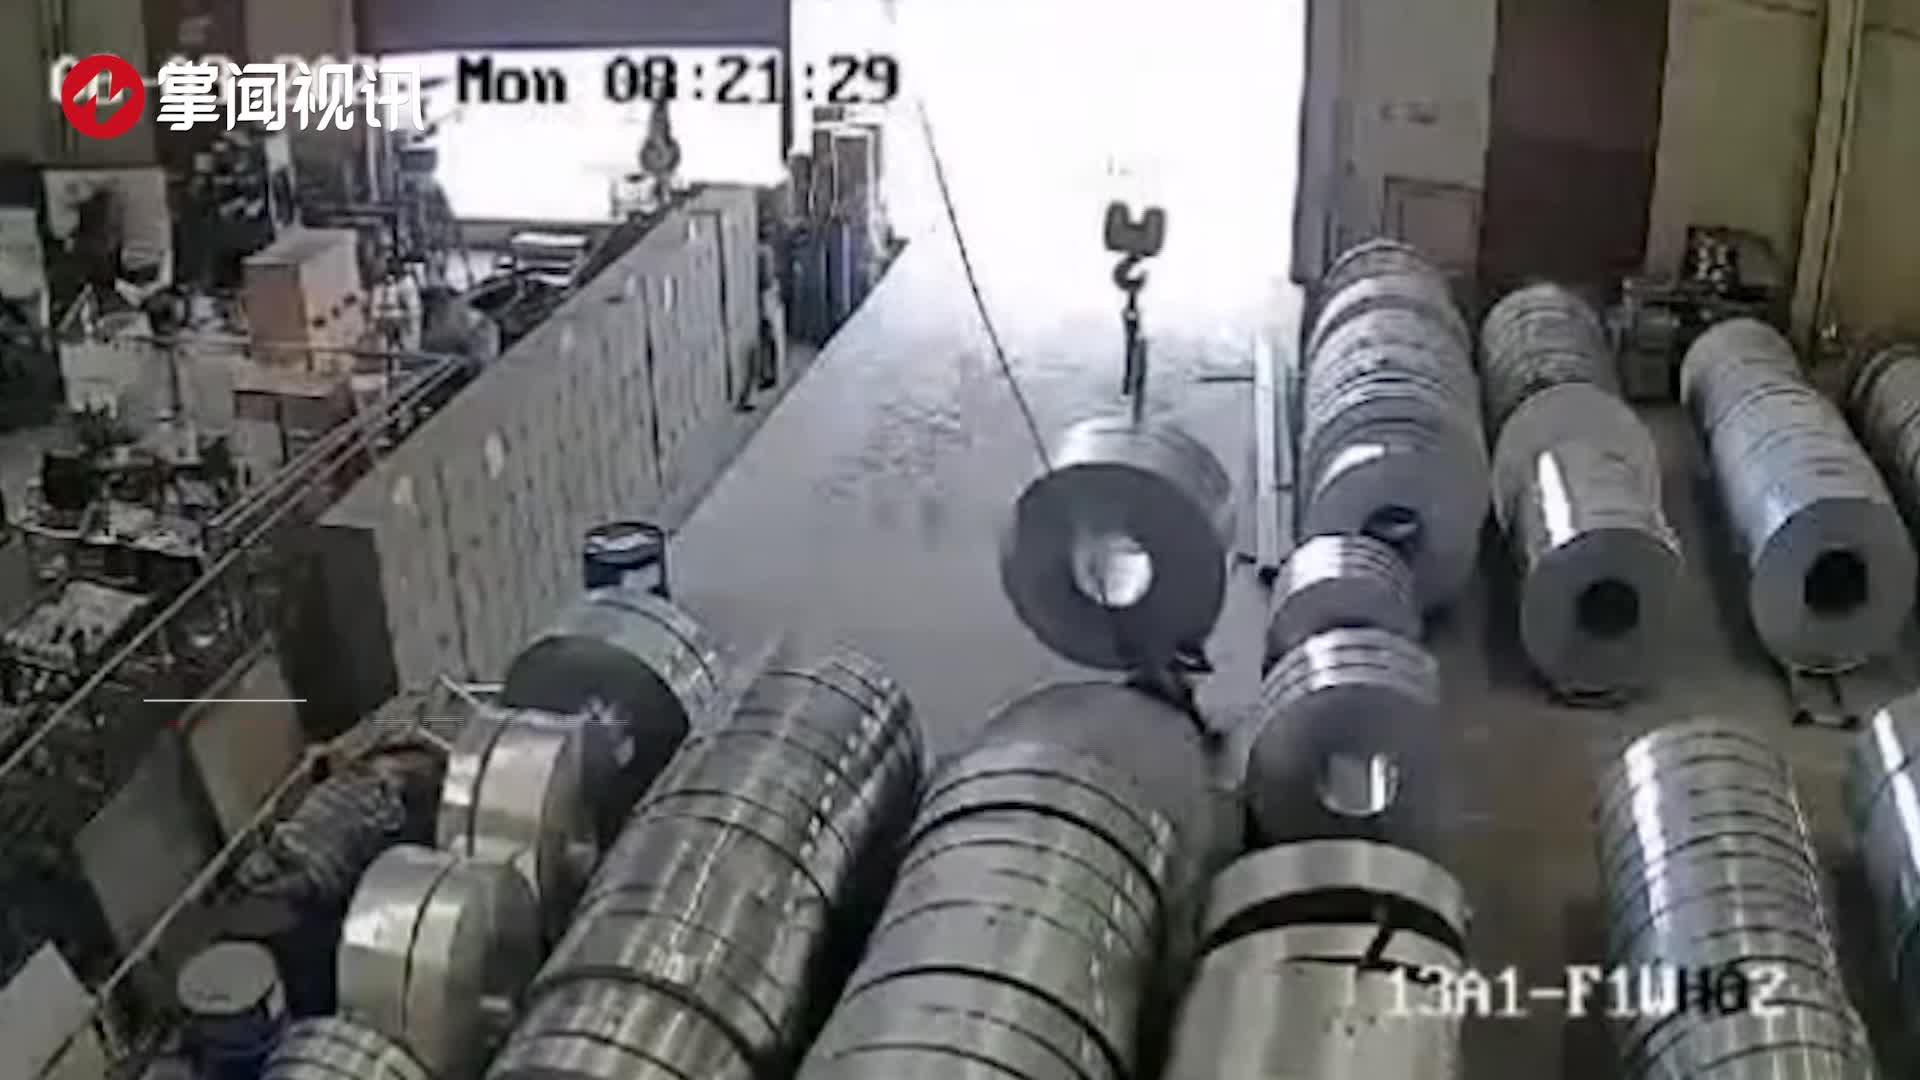 监控拍下事发瞬间!3吨重钢材突然倒塌,工人双腿被压断